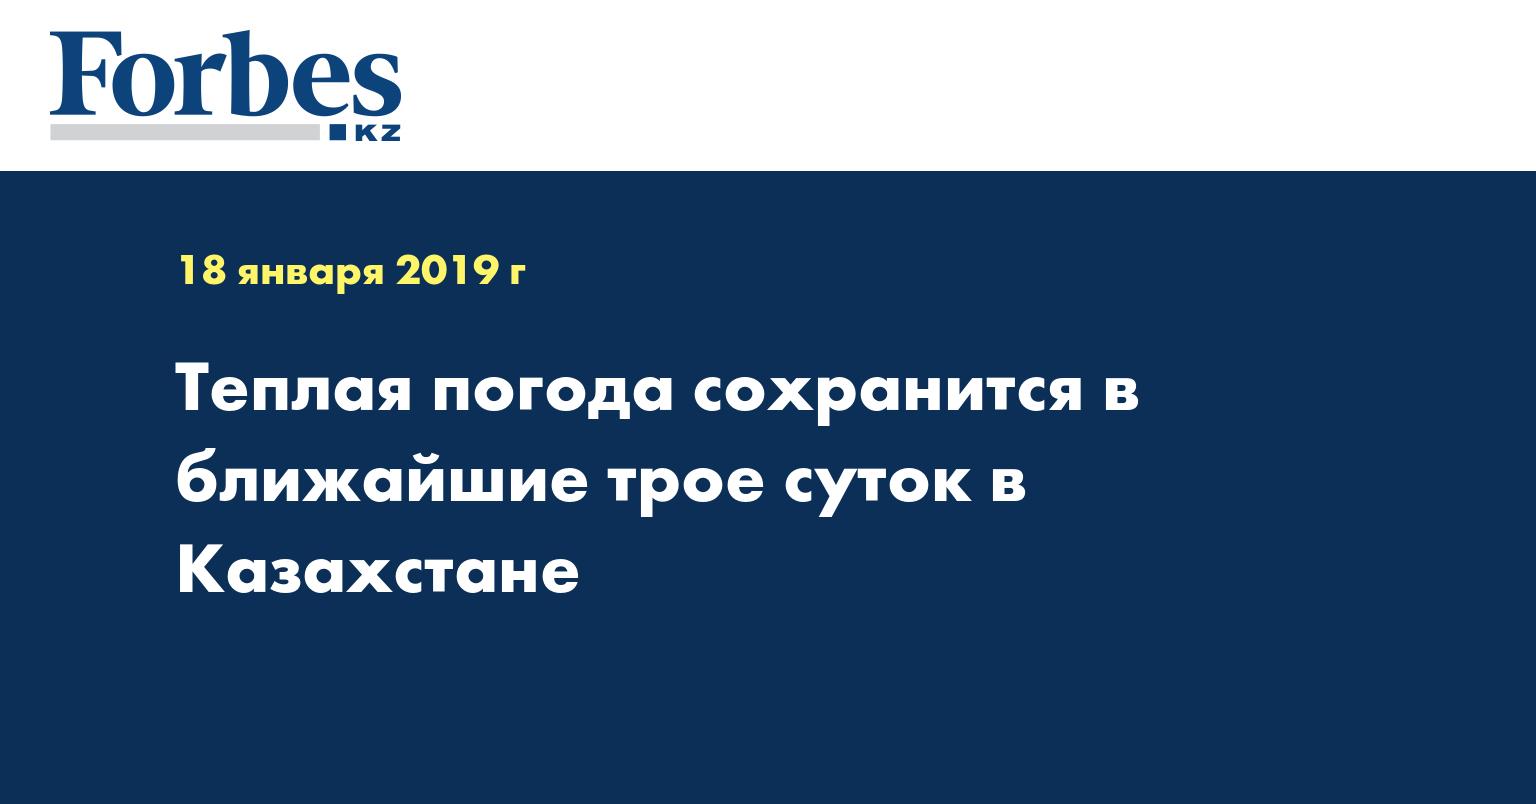 Теплая погода сохранится в ближайшие трое суток в Казахстане